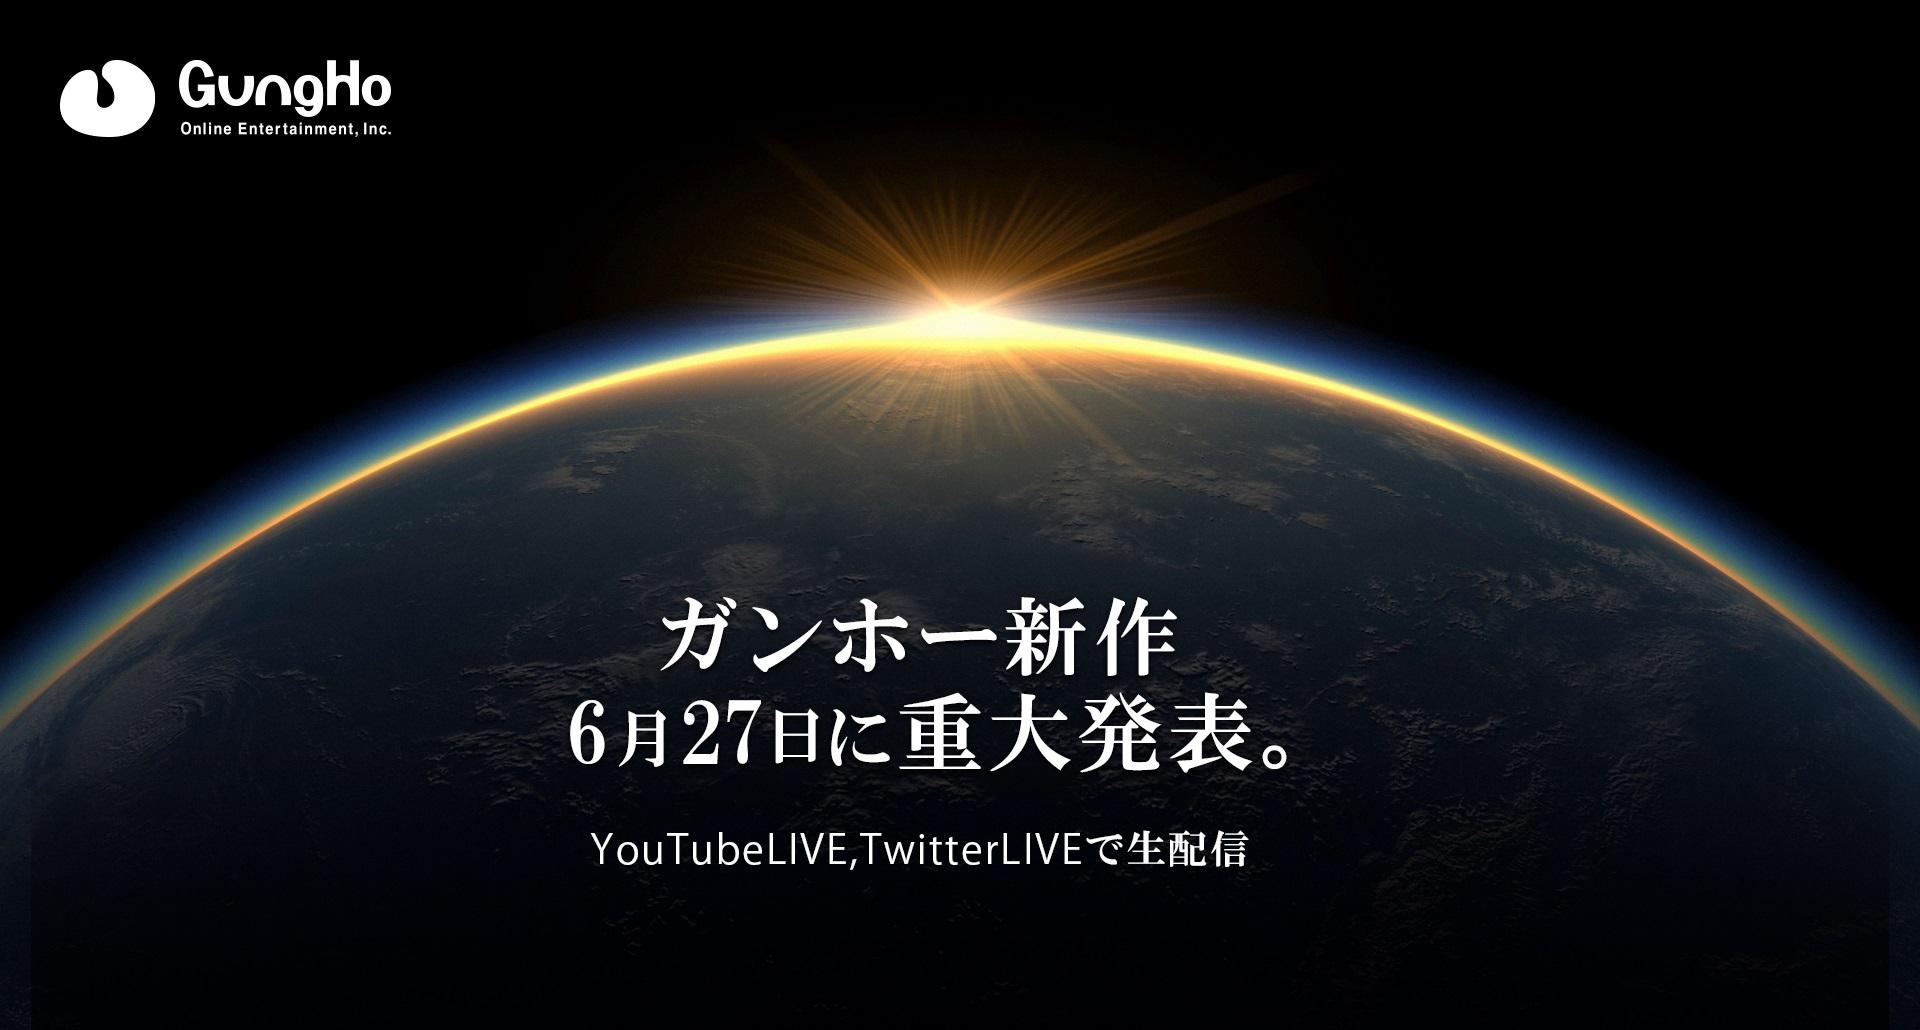 ガンホーの新作発表会に坂口健太郎さんが登壇!坂口さんはPVにも出演